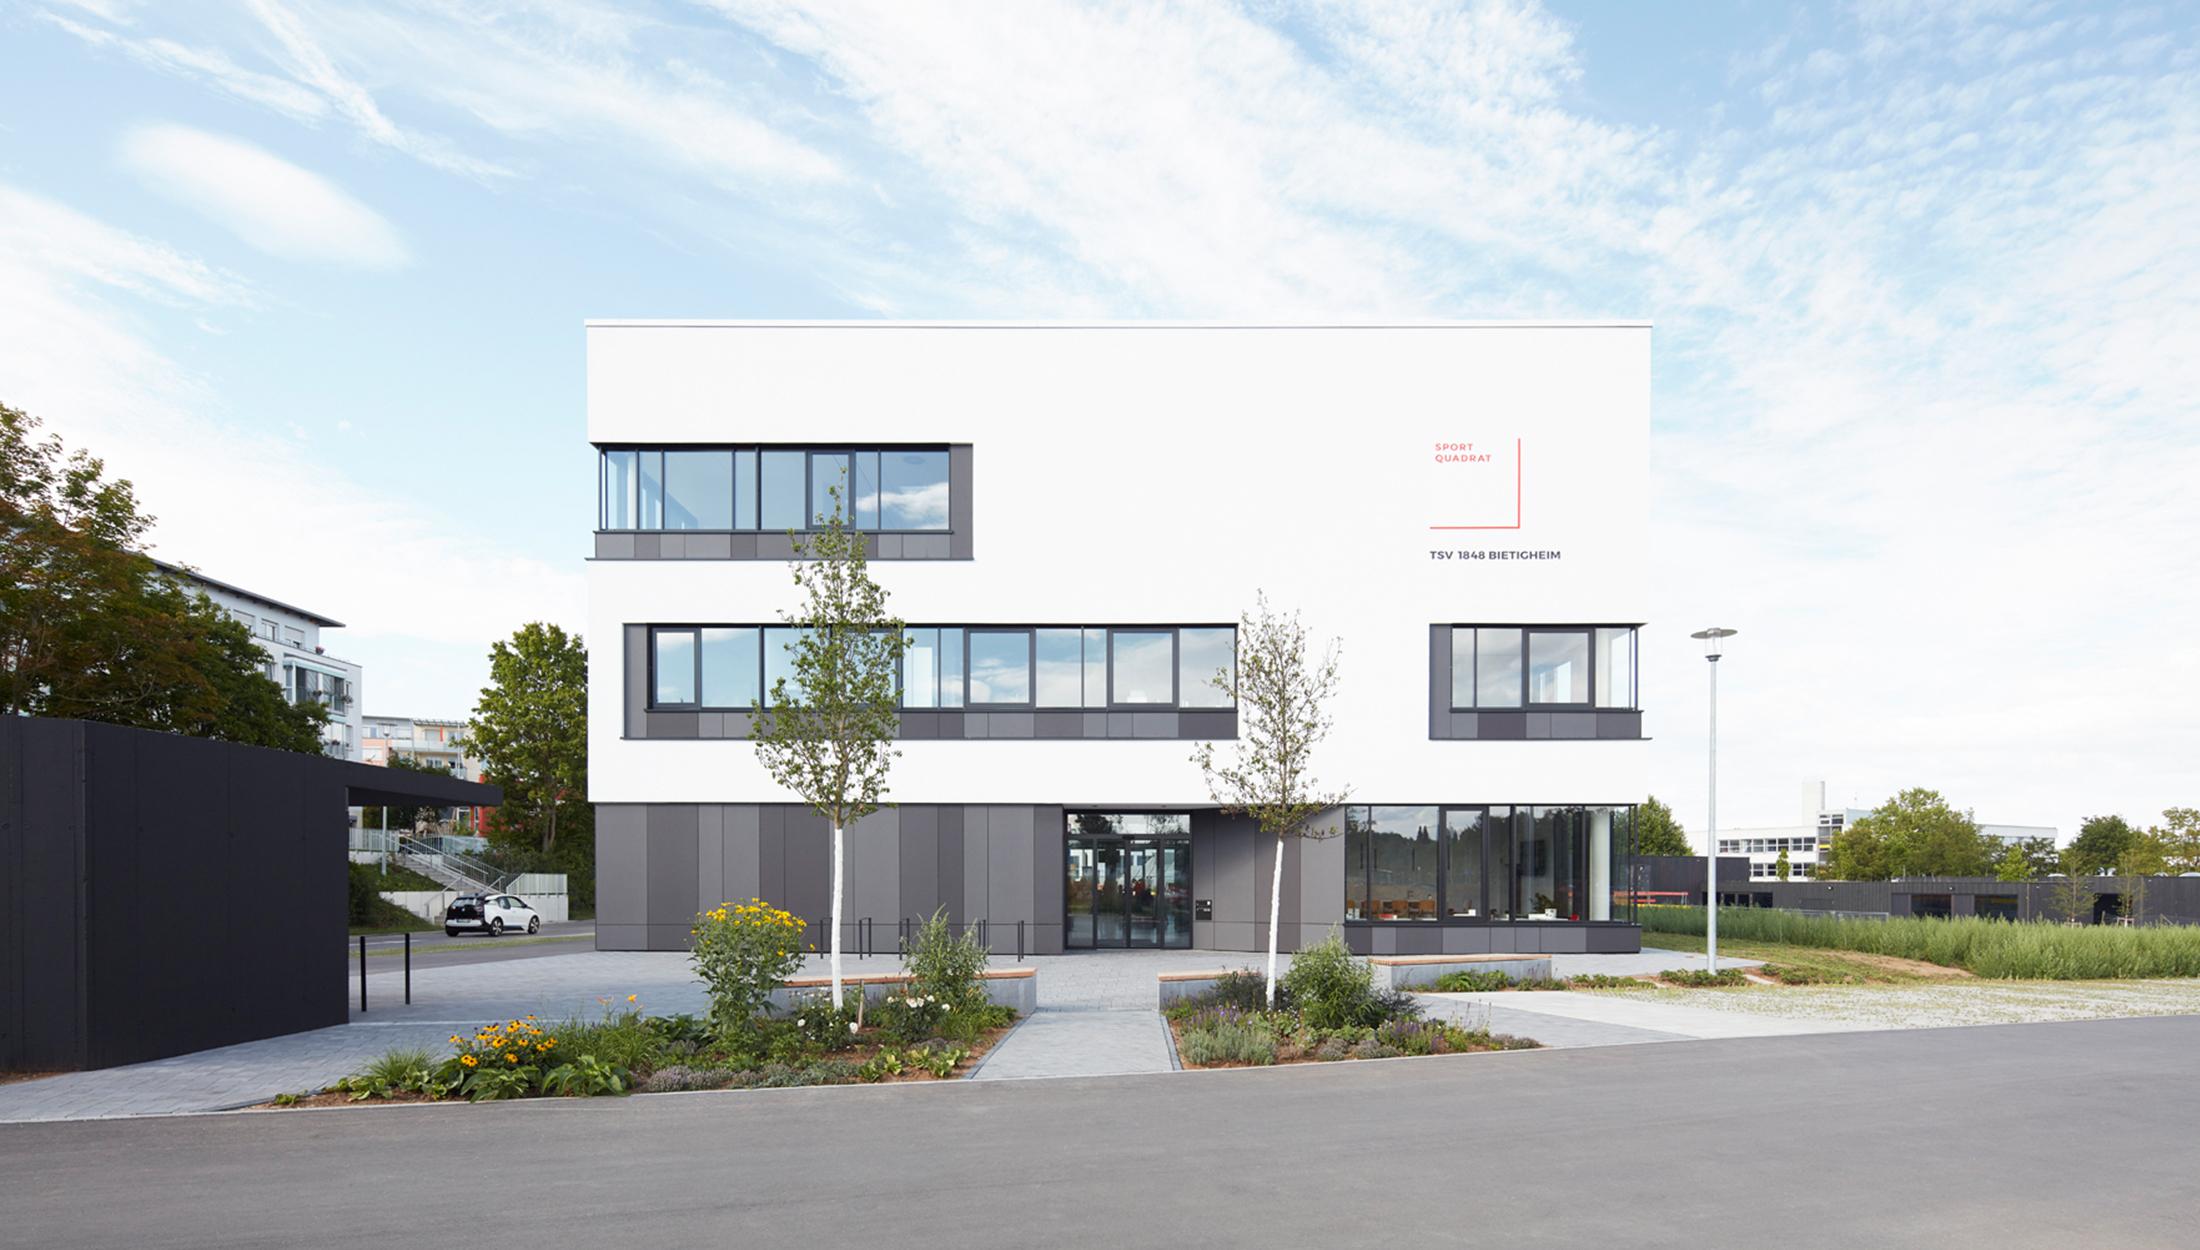 2017, Neubau Sportvereinszentrum, Bietigheim